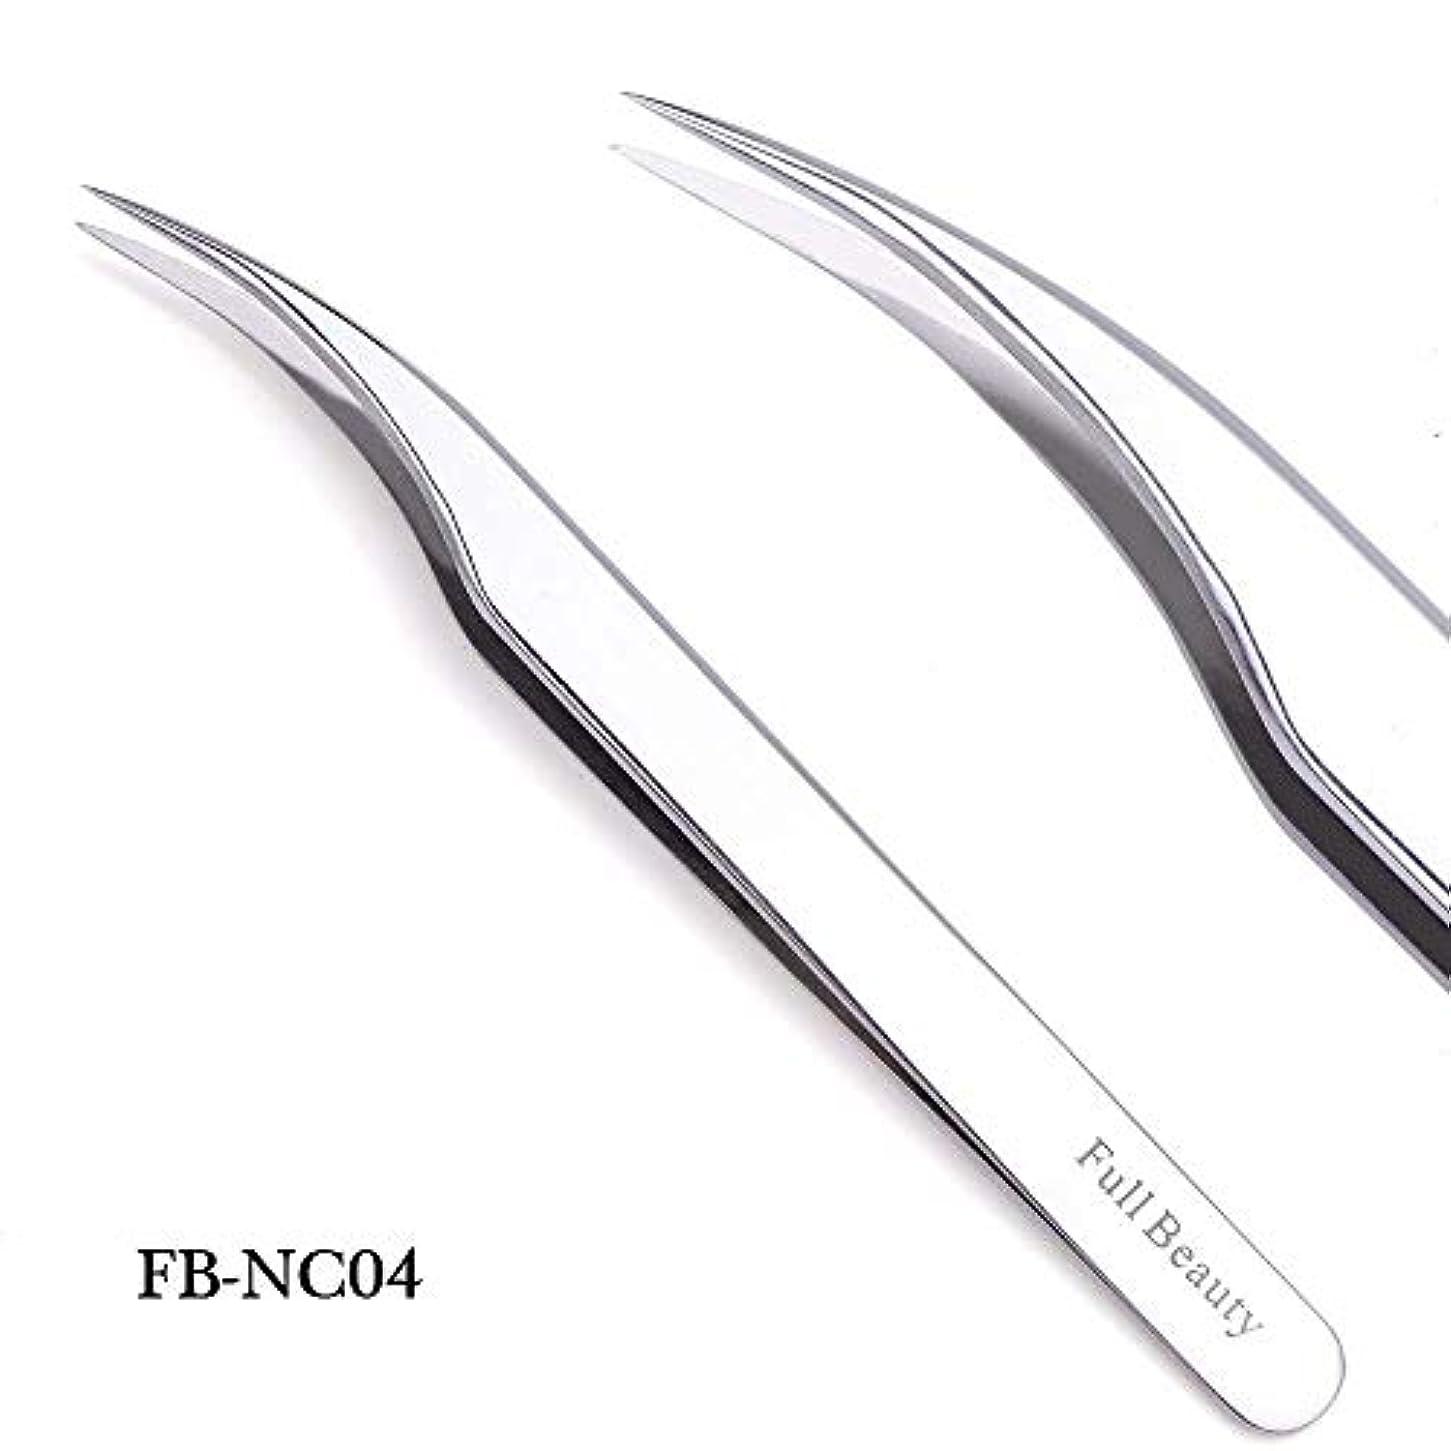 暴露するパステル平均1ピーススライバーミラー眉毛ピンセット曲線ストレートまつげエクステンションネイルニッパーにきびクリーニング化粧道具マニキュアSAFBNC01-04 FB-NC04